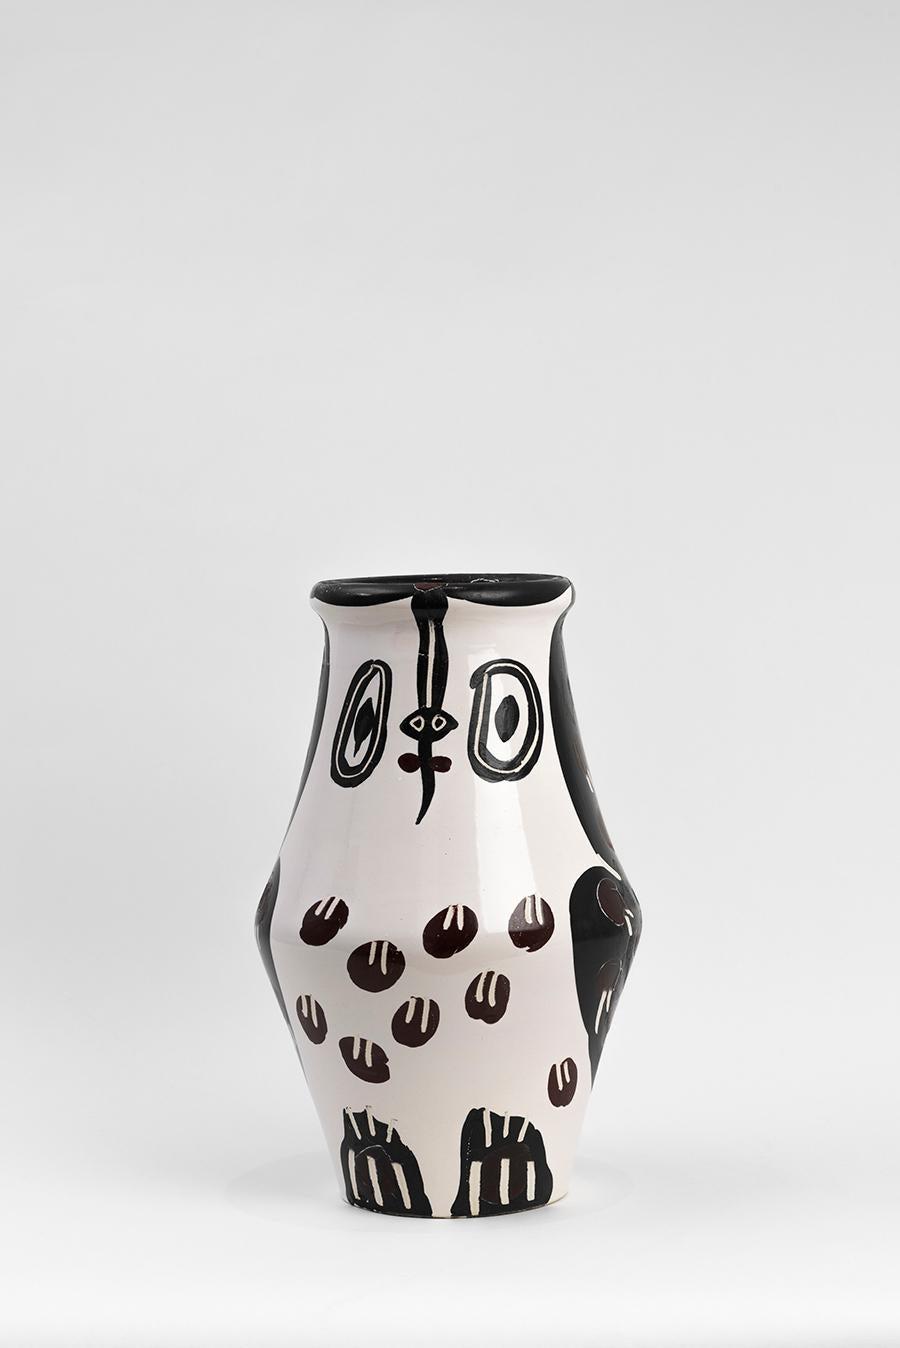 Pablo Picasso - Madoura Ceramic: Black and Brown Owl (Hibou Marron Noir)